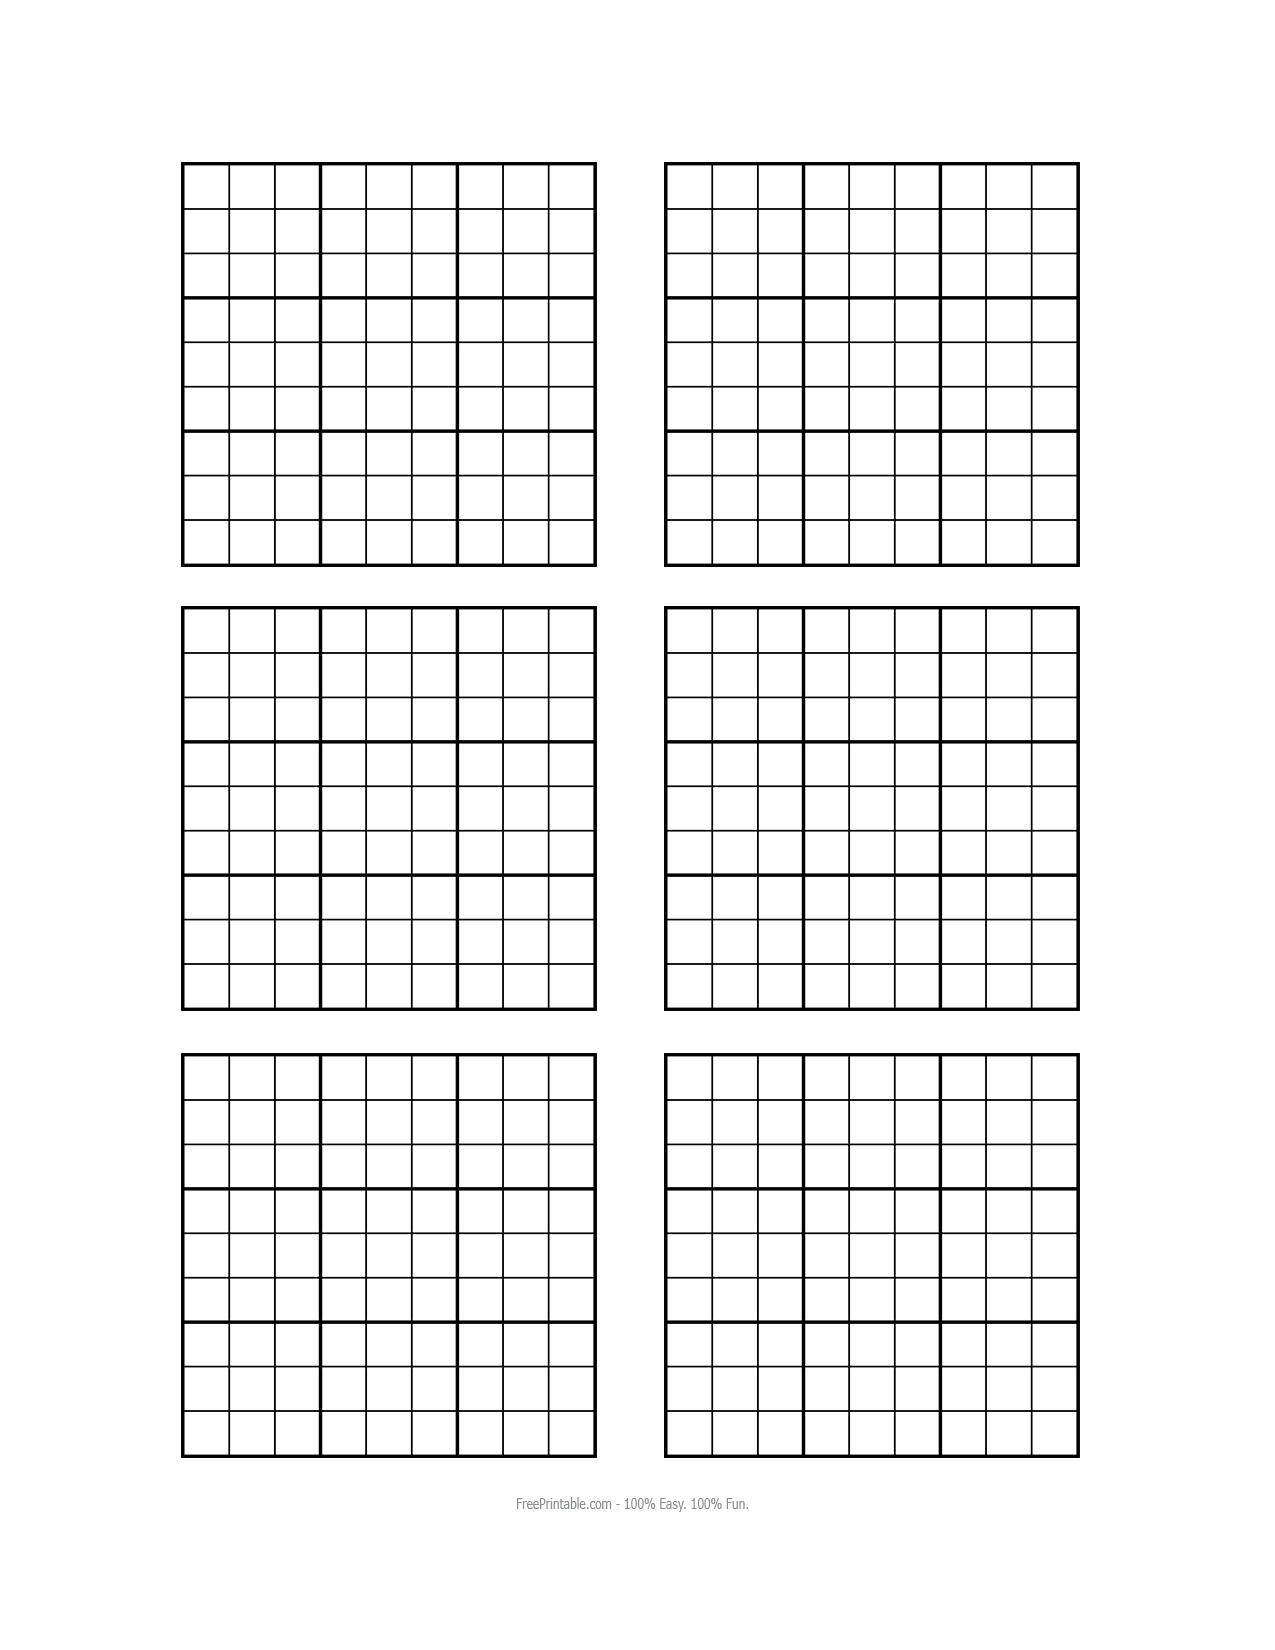 Blank Sudoku Worksheet - Khayav